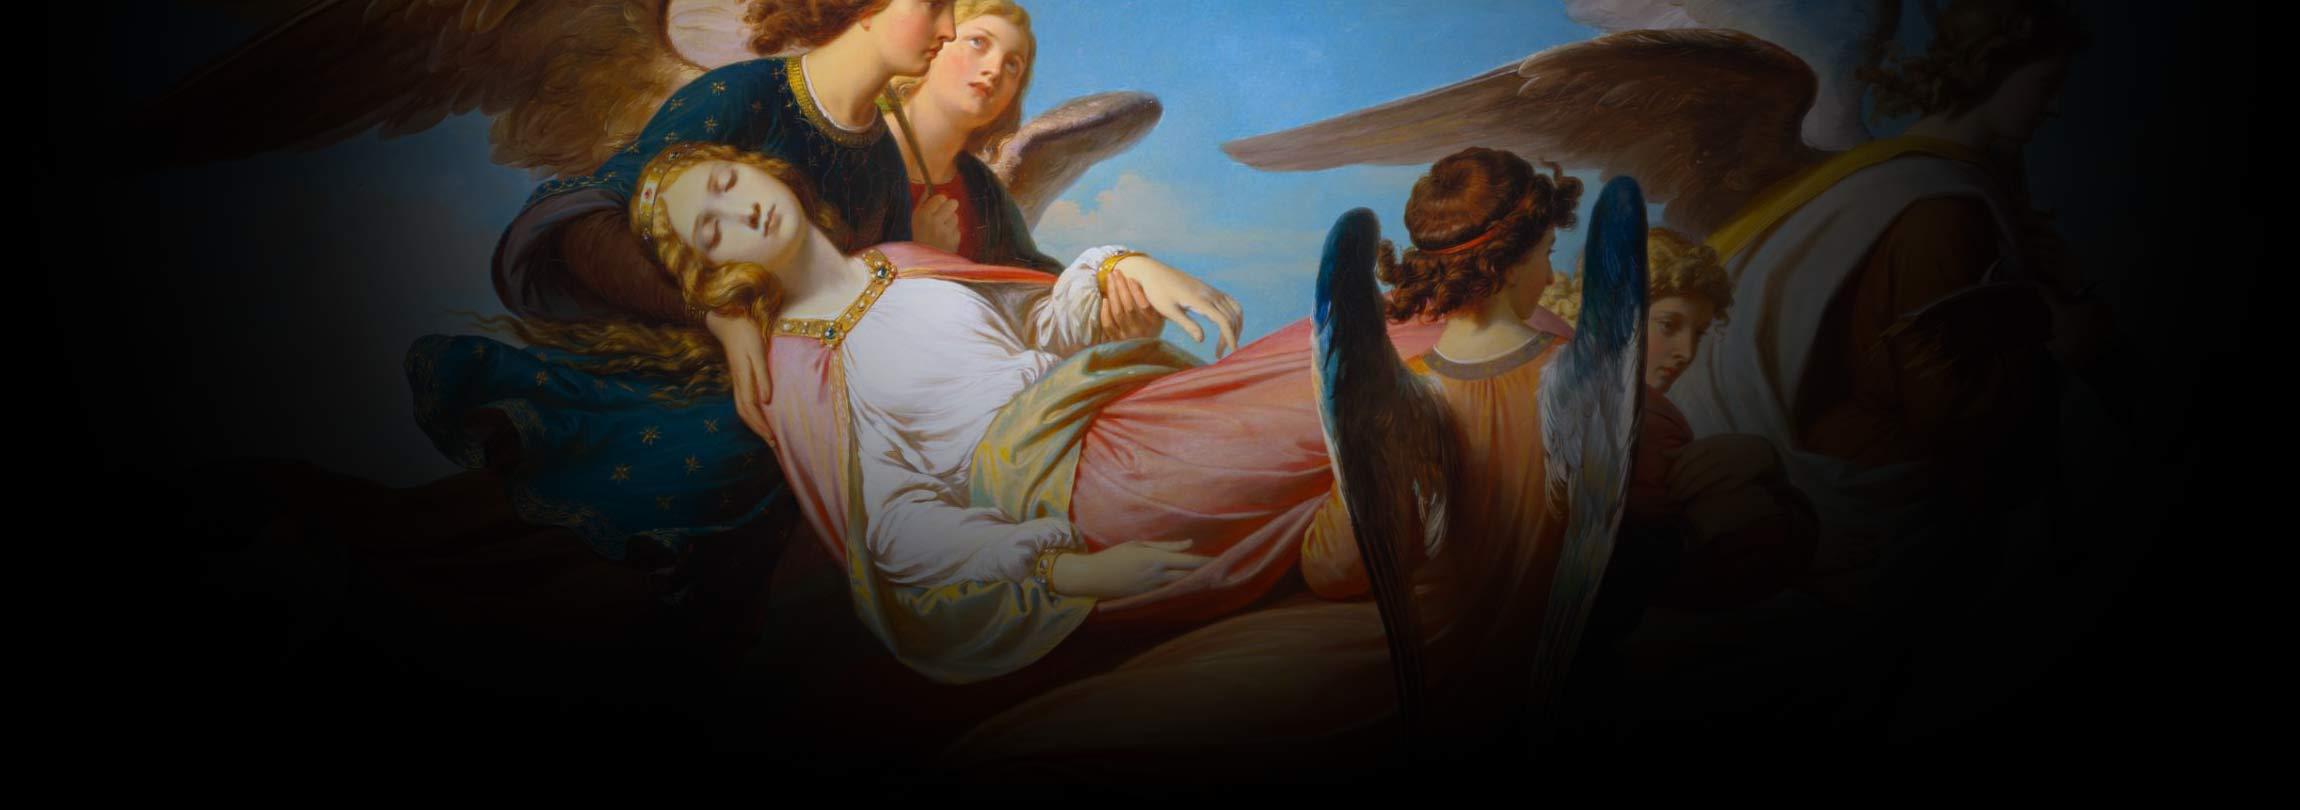 É possível evitar o Purgatório e ir direto para o Céu?